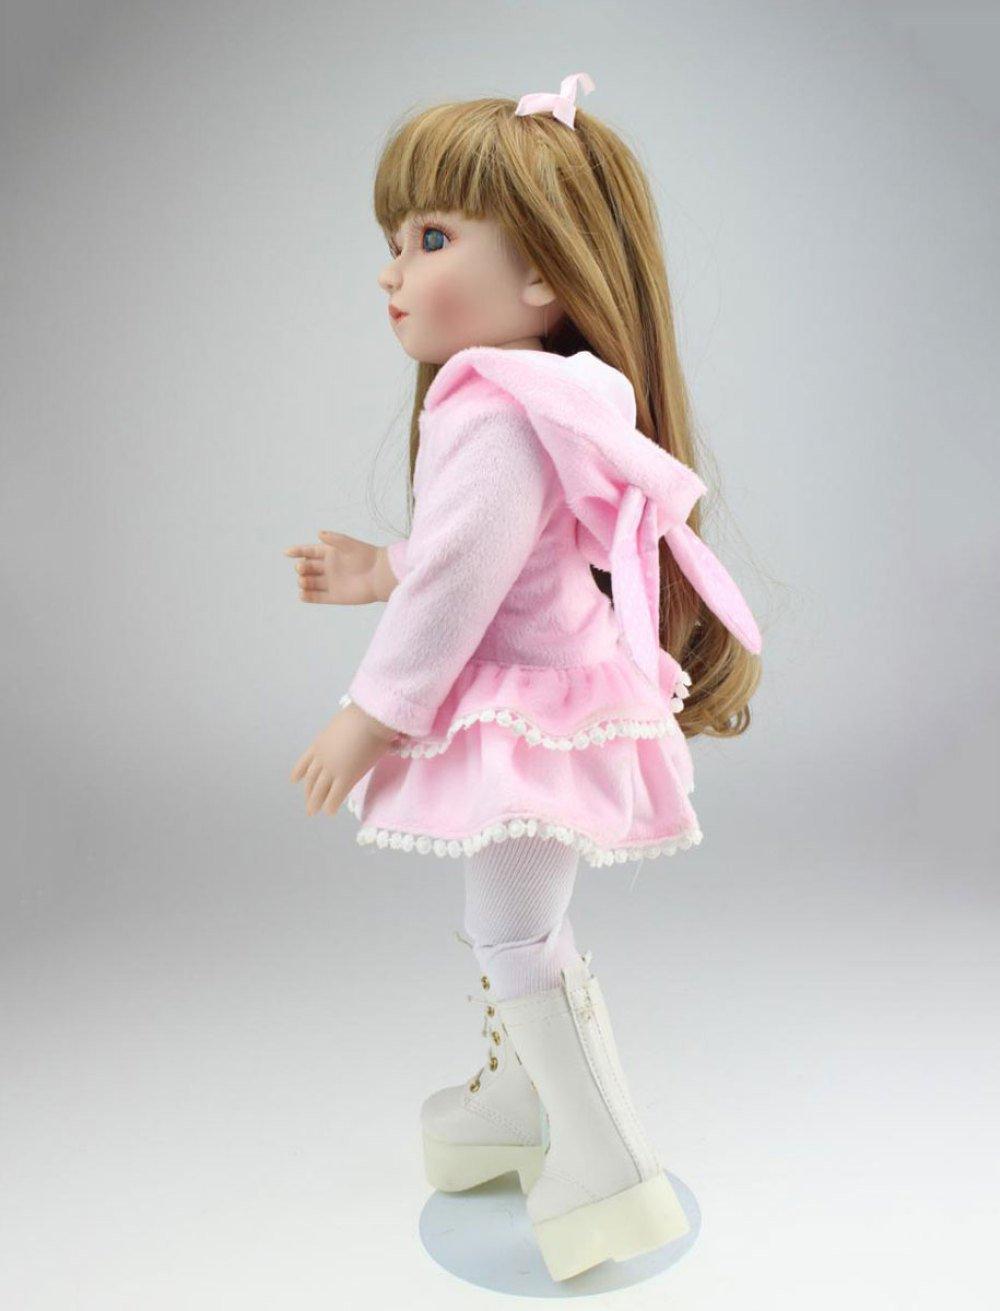 Disfruta de un 50% de descuento. Reborn Baby Doll Realistic Girl Girl Girl Pelo Largo Muñecas De Bebés 17 Pulgadas 45 Cm Realista Juguete Niños Regalo De Cumpleaños  salida